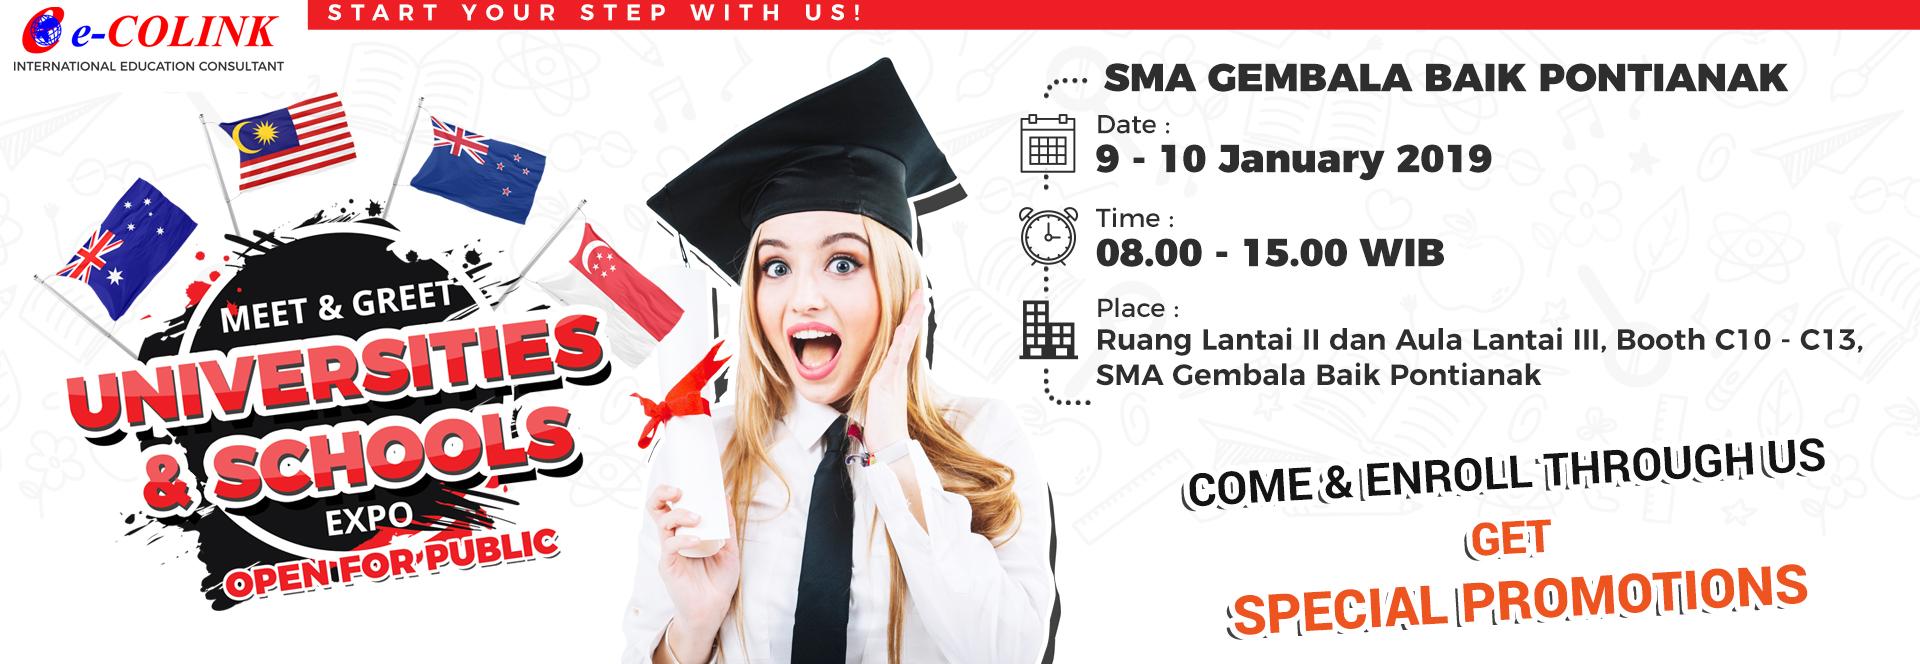 INTERNATIONAL EDUCATION EXPO 2019 - SMA GEMBALA BAIK PONTIANAK